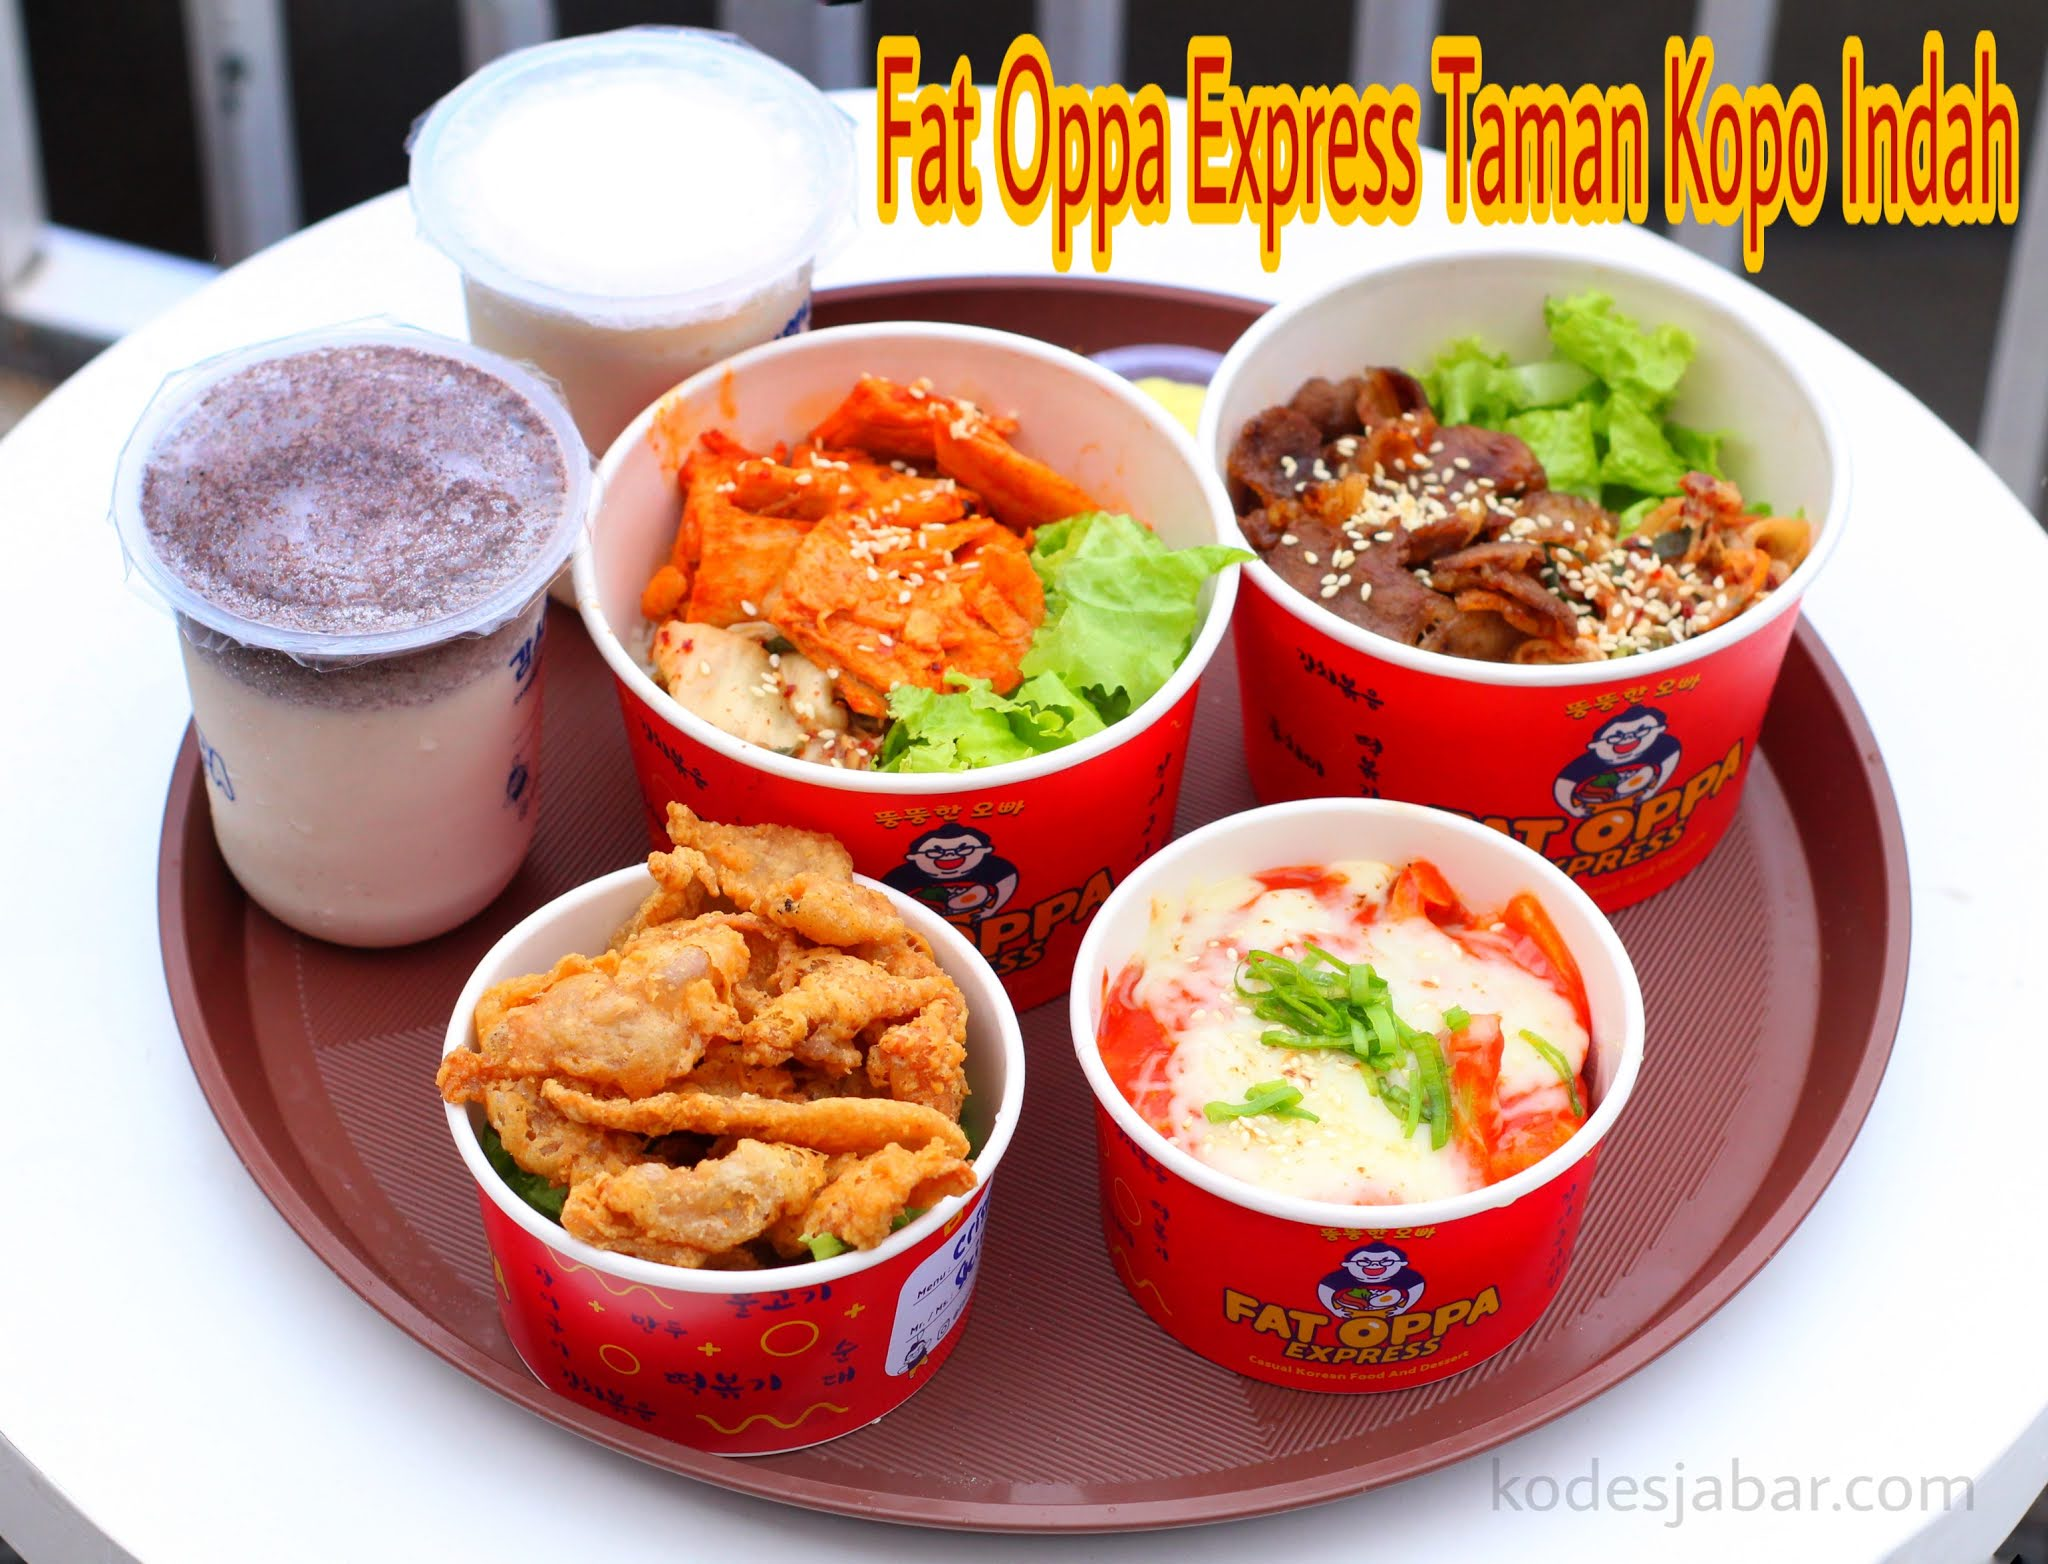 Fat Oppa Express, Restoran Korea Cepat Saji di Taman Kopo Indah